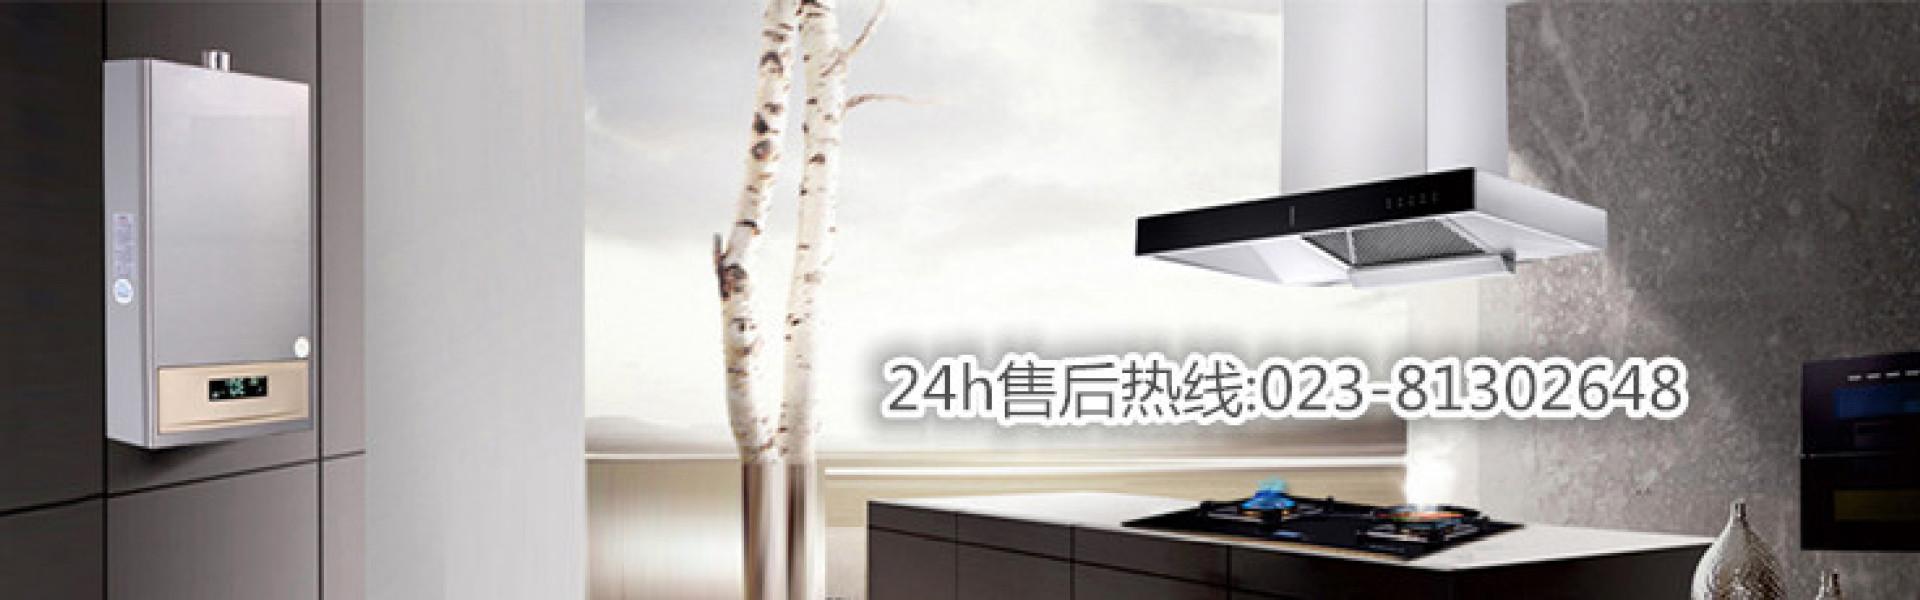 重庆老板热水器售后维修项目Banner